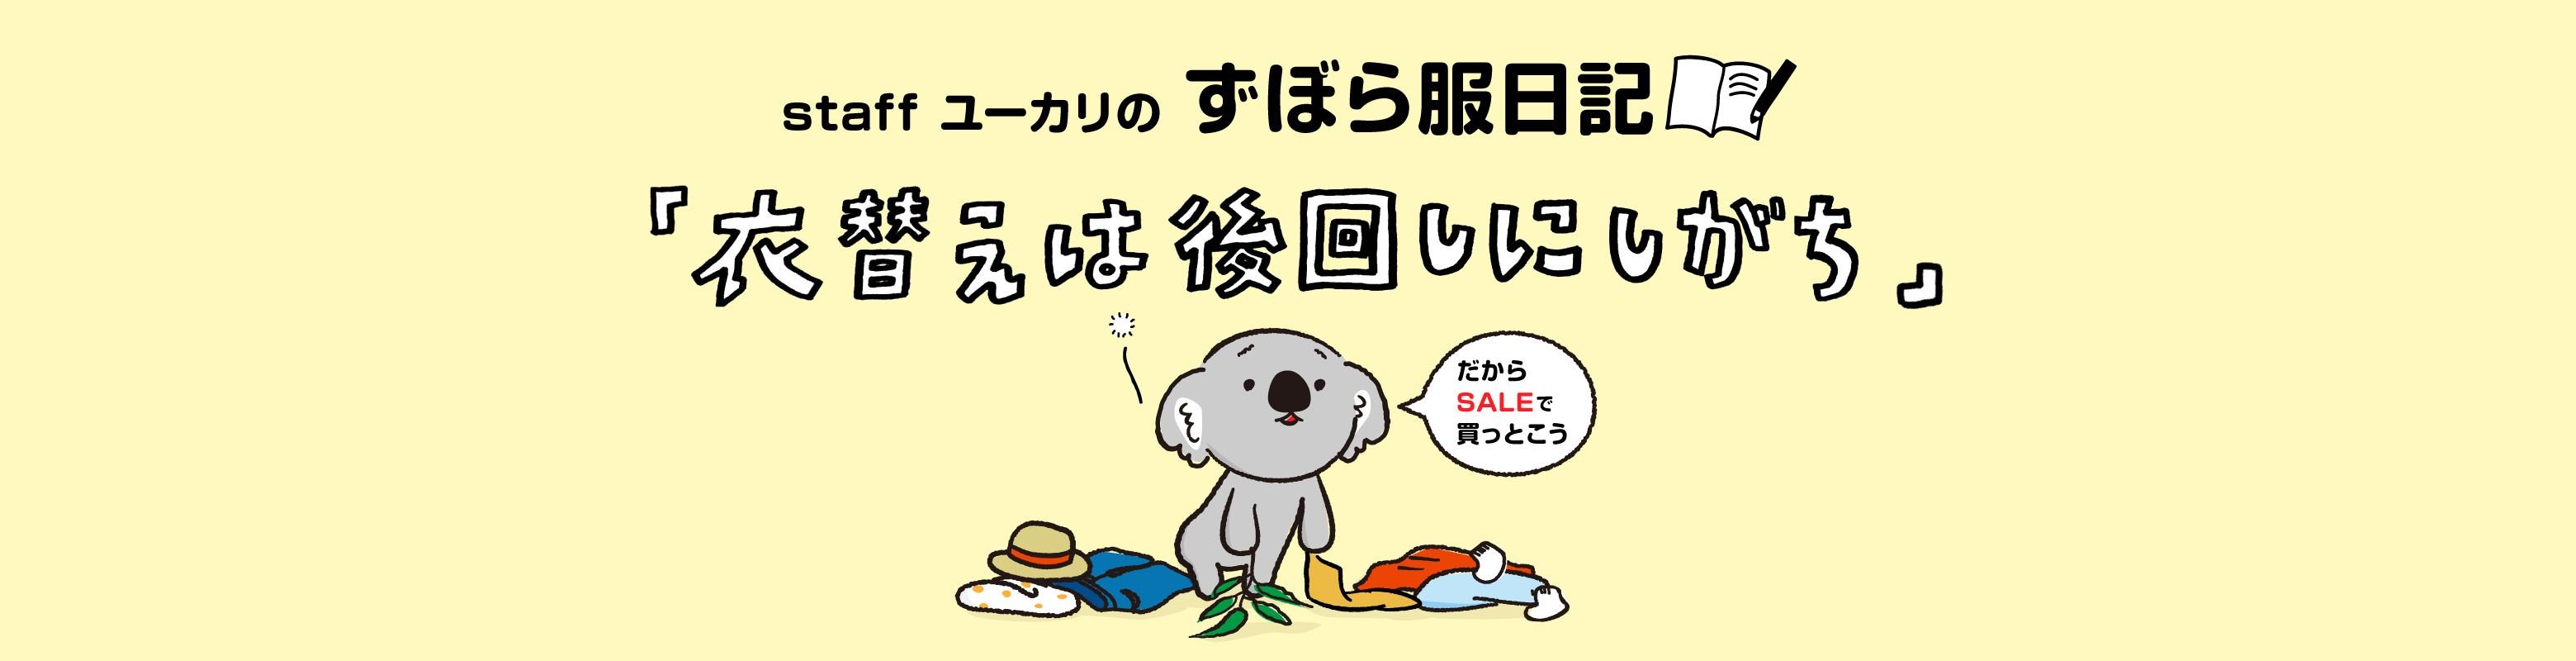 \秋冬にツカエル★厳選SALEアイテム/